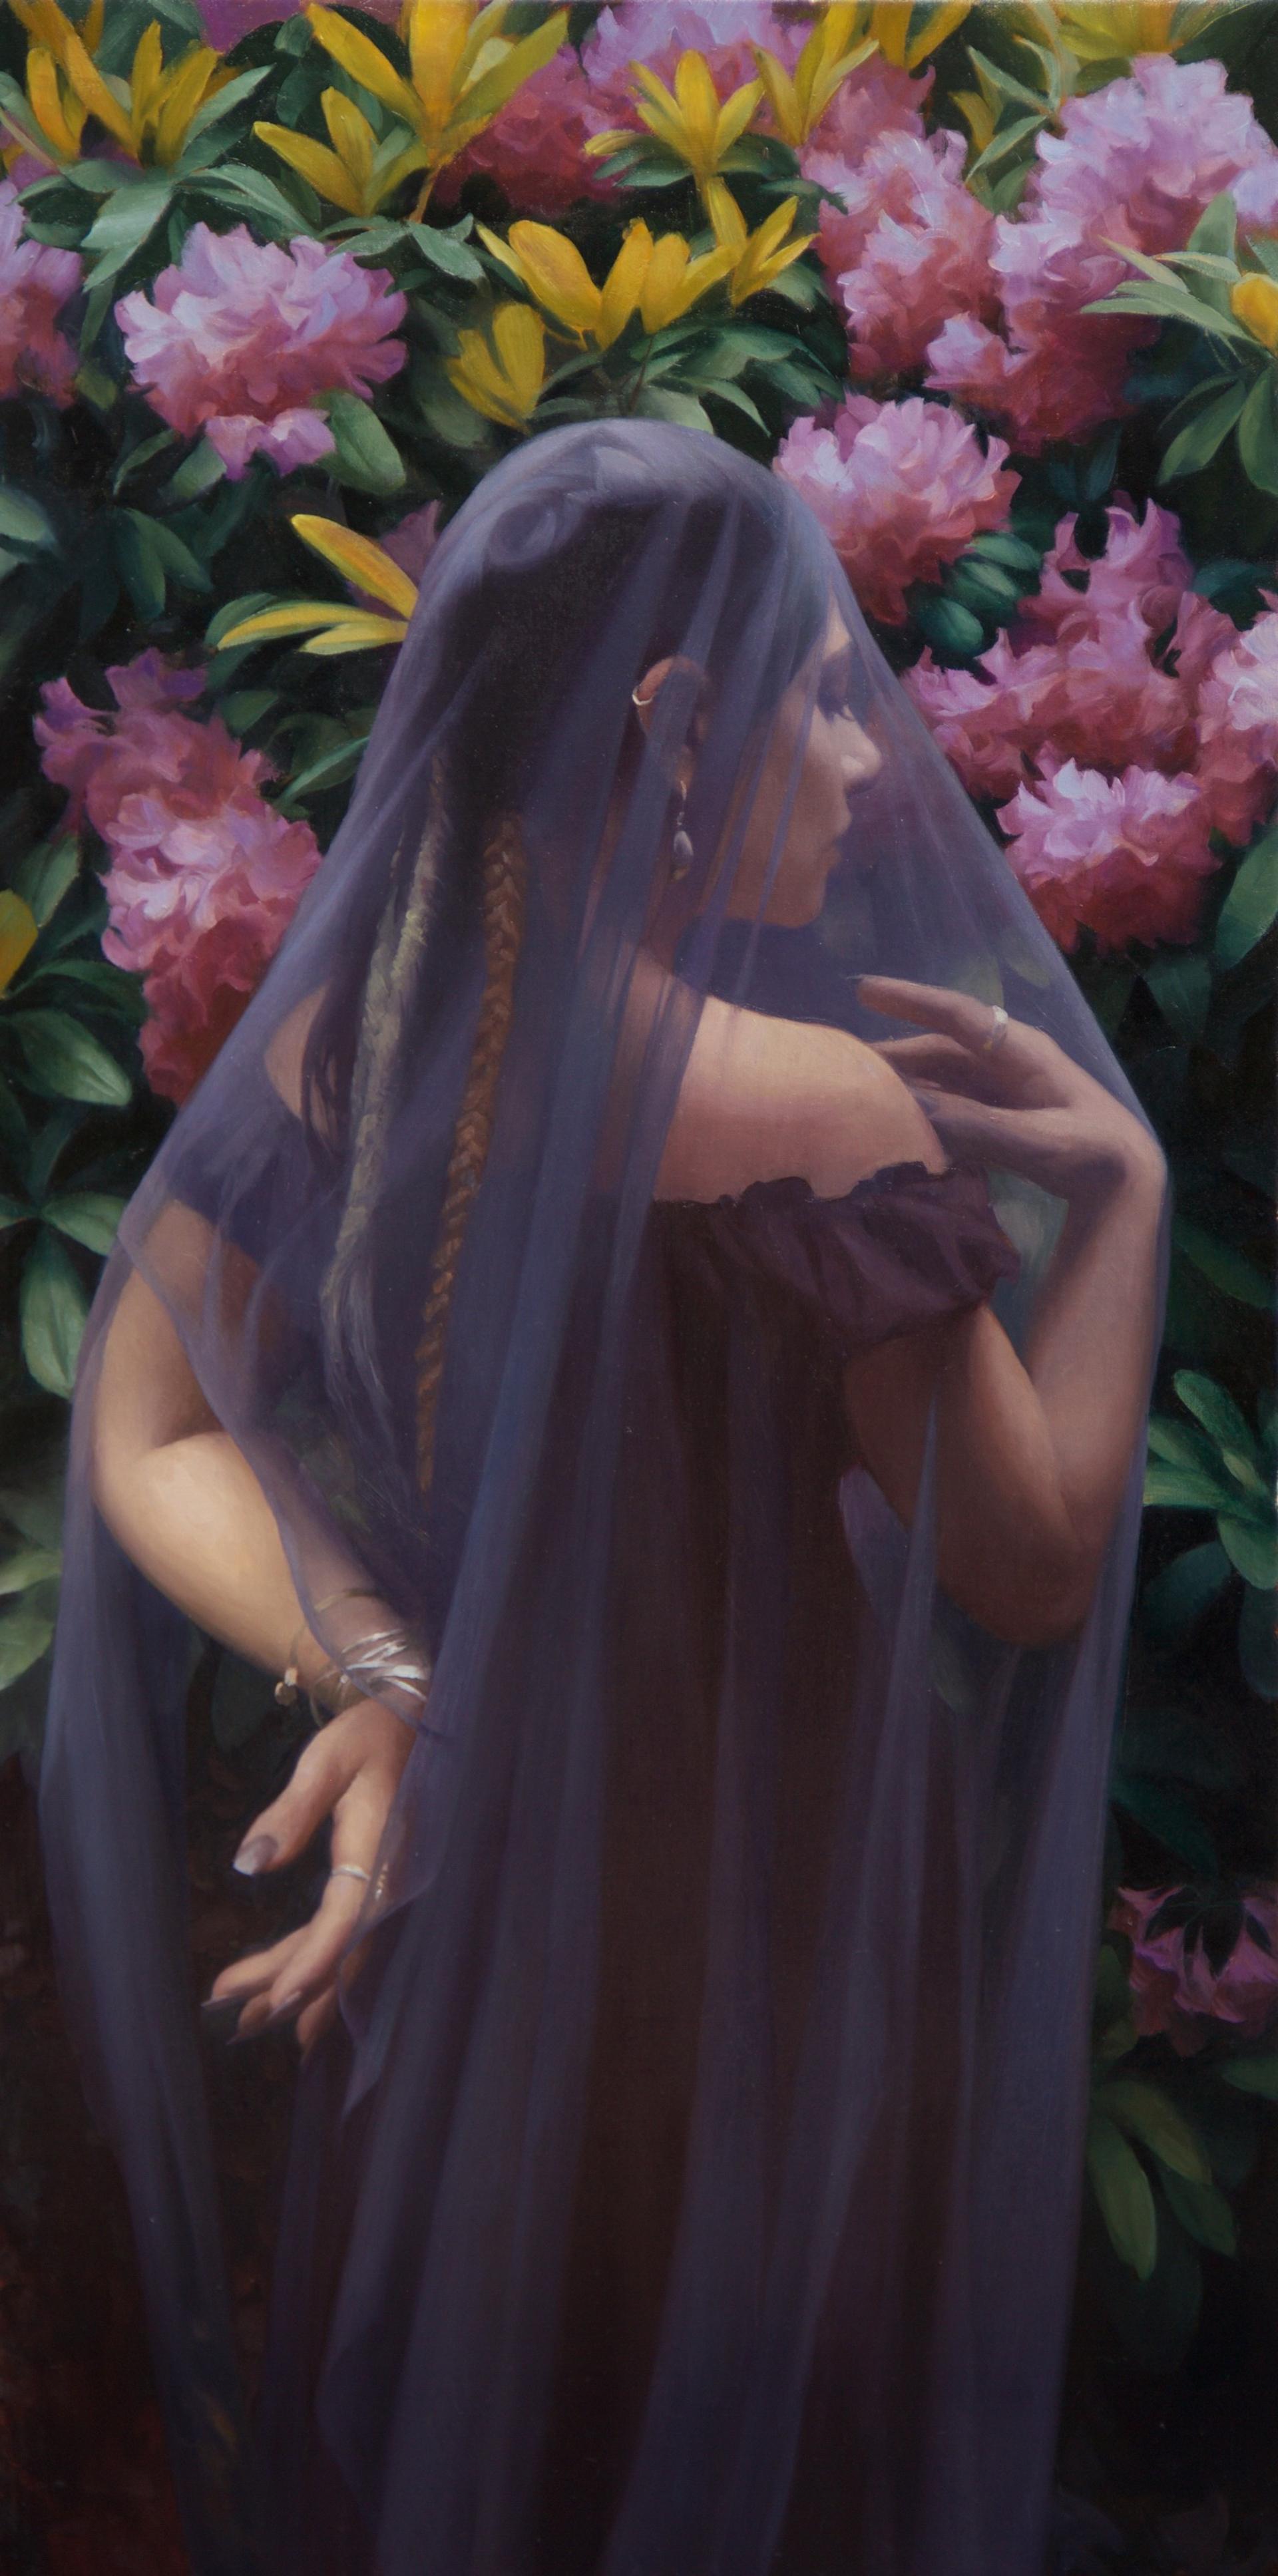 Violet Bride by Adrienne Stein